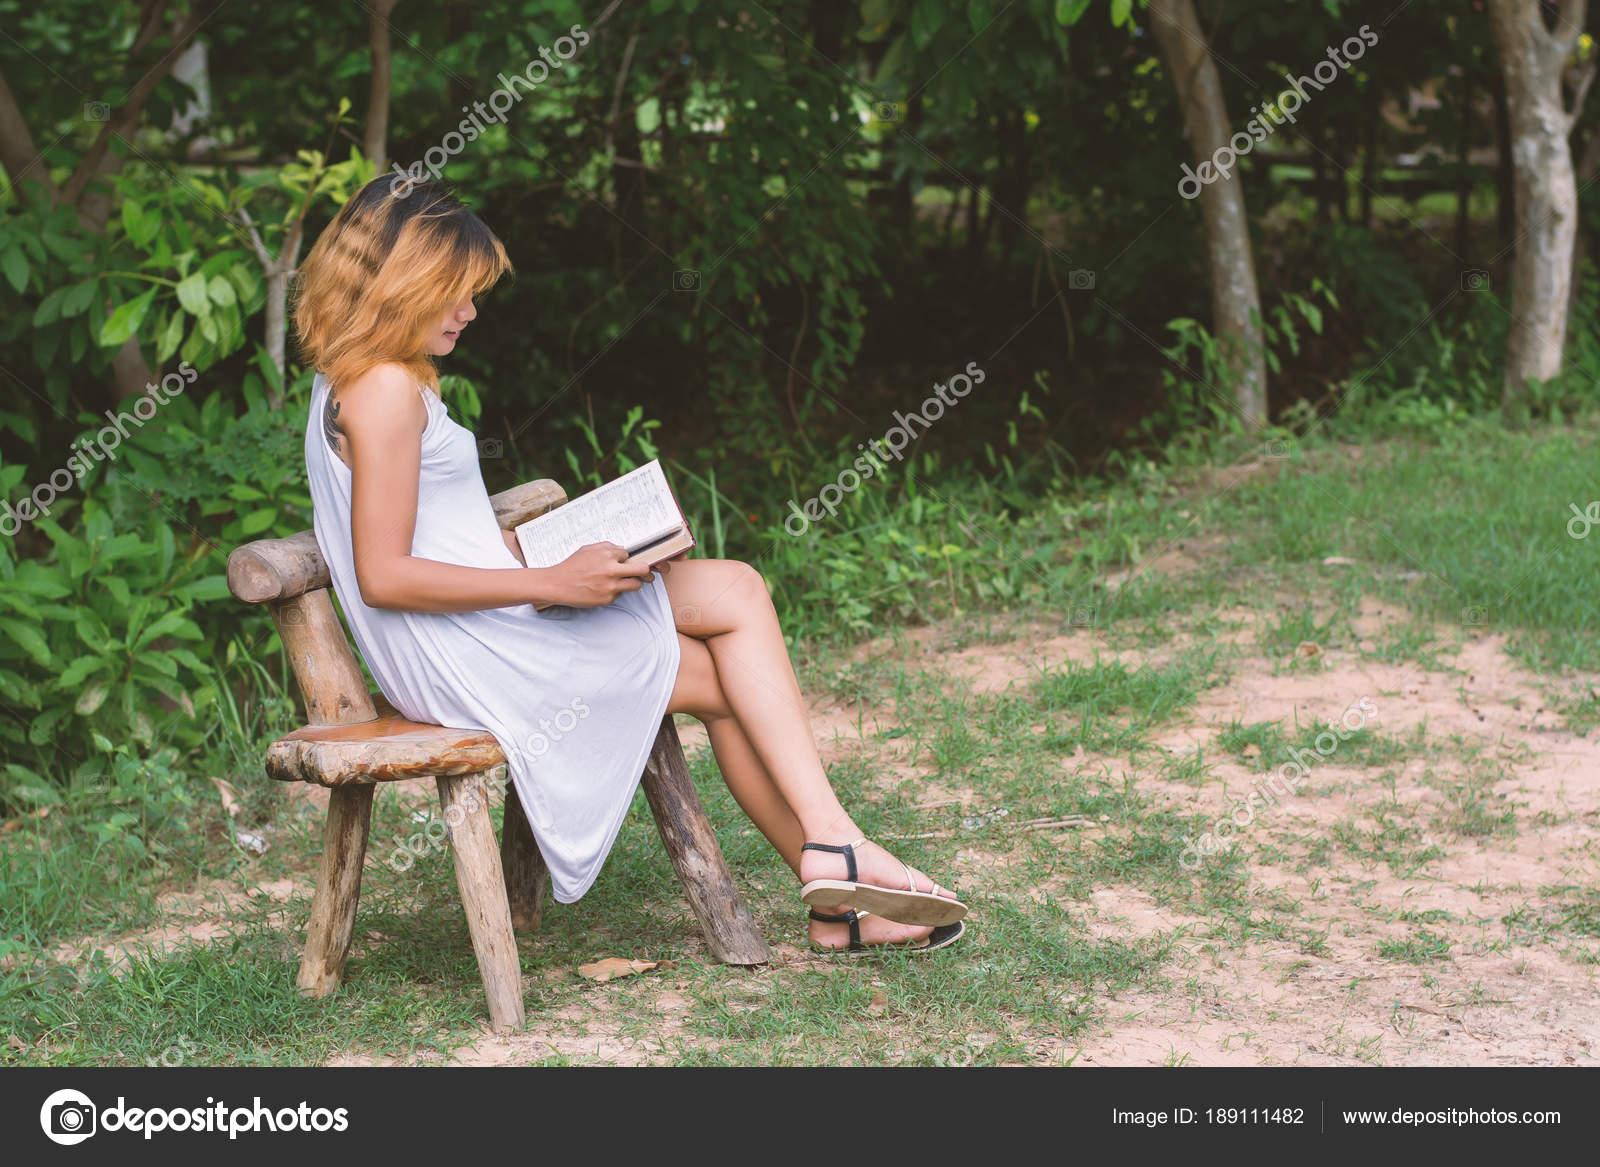 Красивые картинки одинокая женщина в парке на скамейке 10